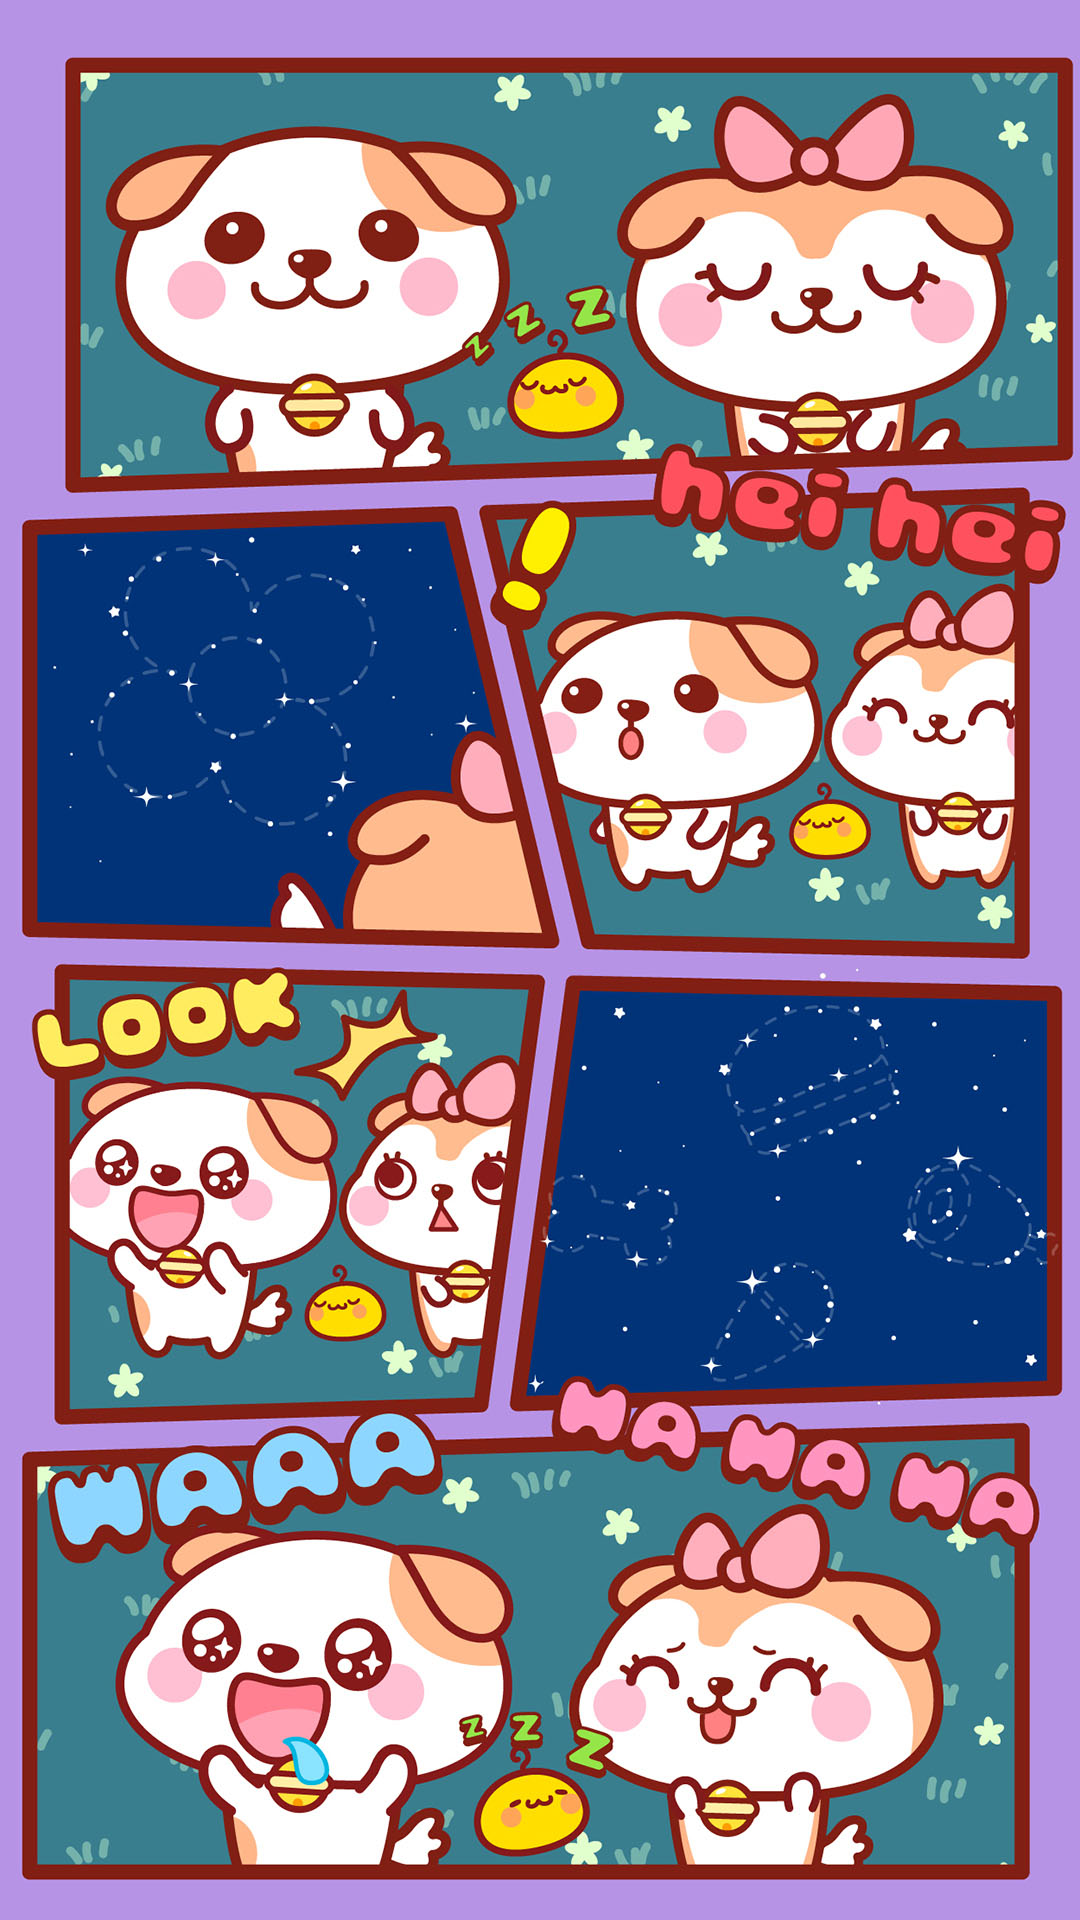 秋田君漫画037-045话